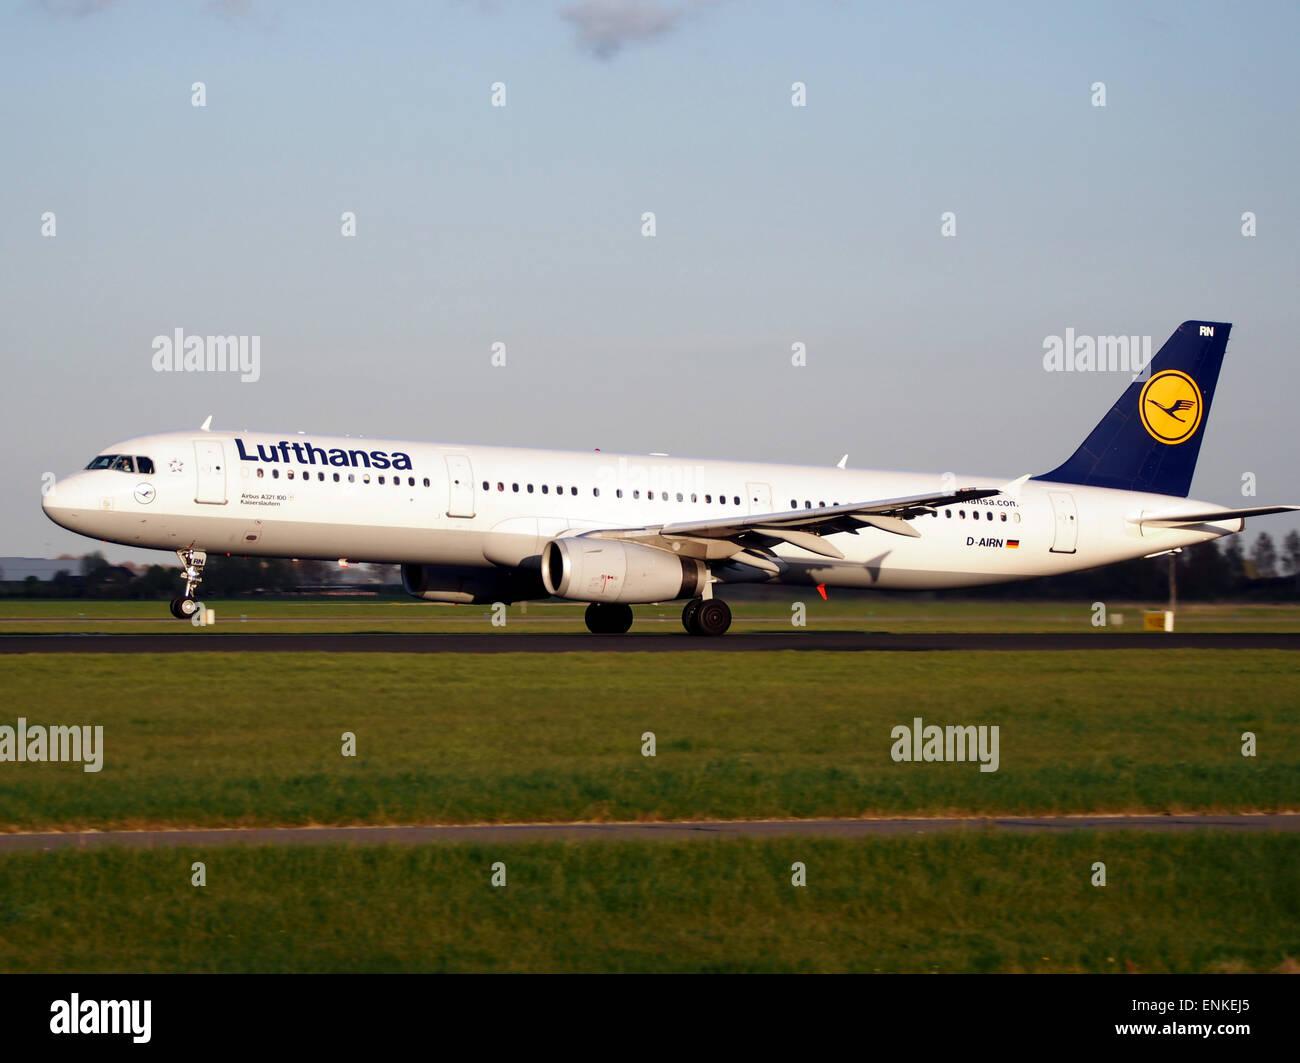 D-AIRN Lufthansa Airbus A321-131 le décollage de Polderbaan, Schiphol (AMS - EHAM) au coucher du soleil, Photo Stock